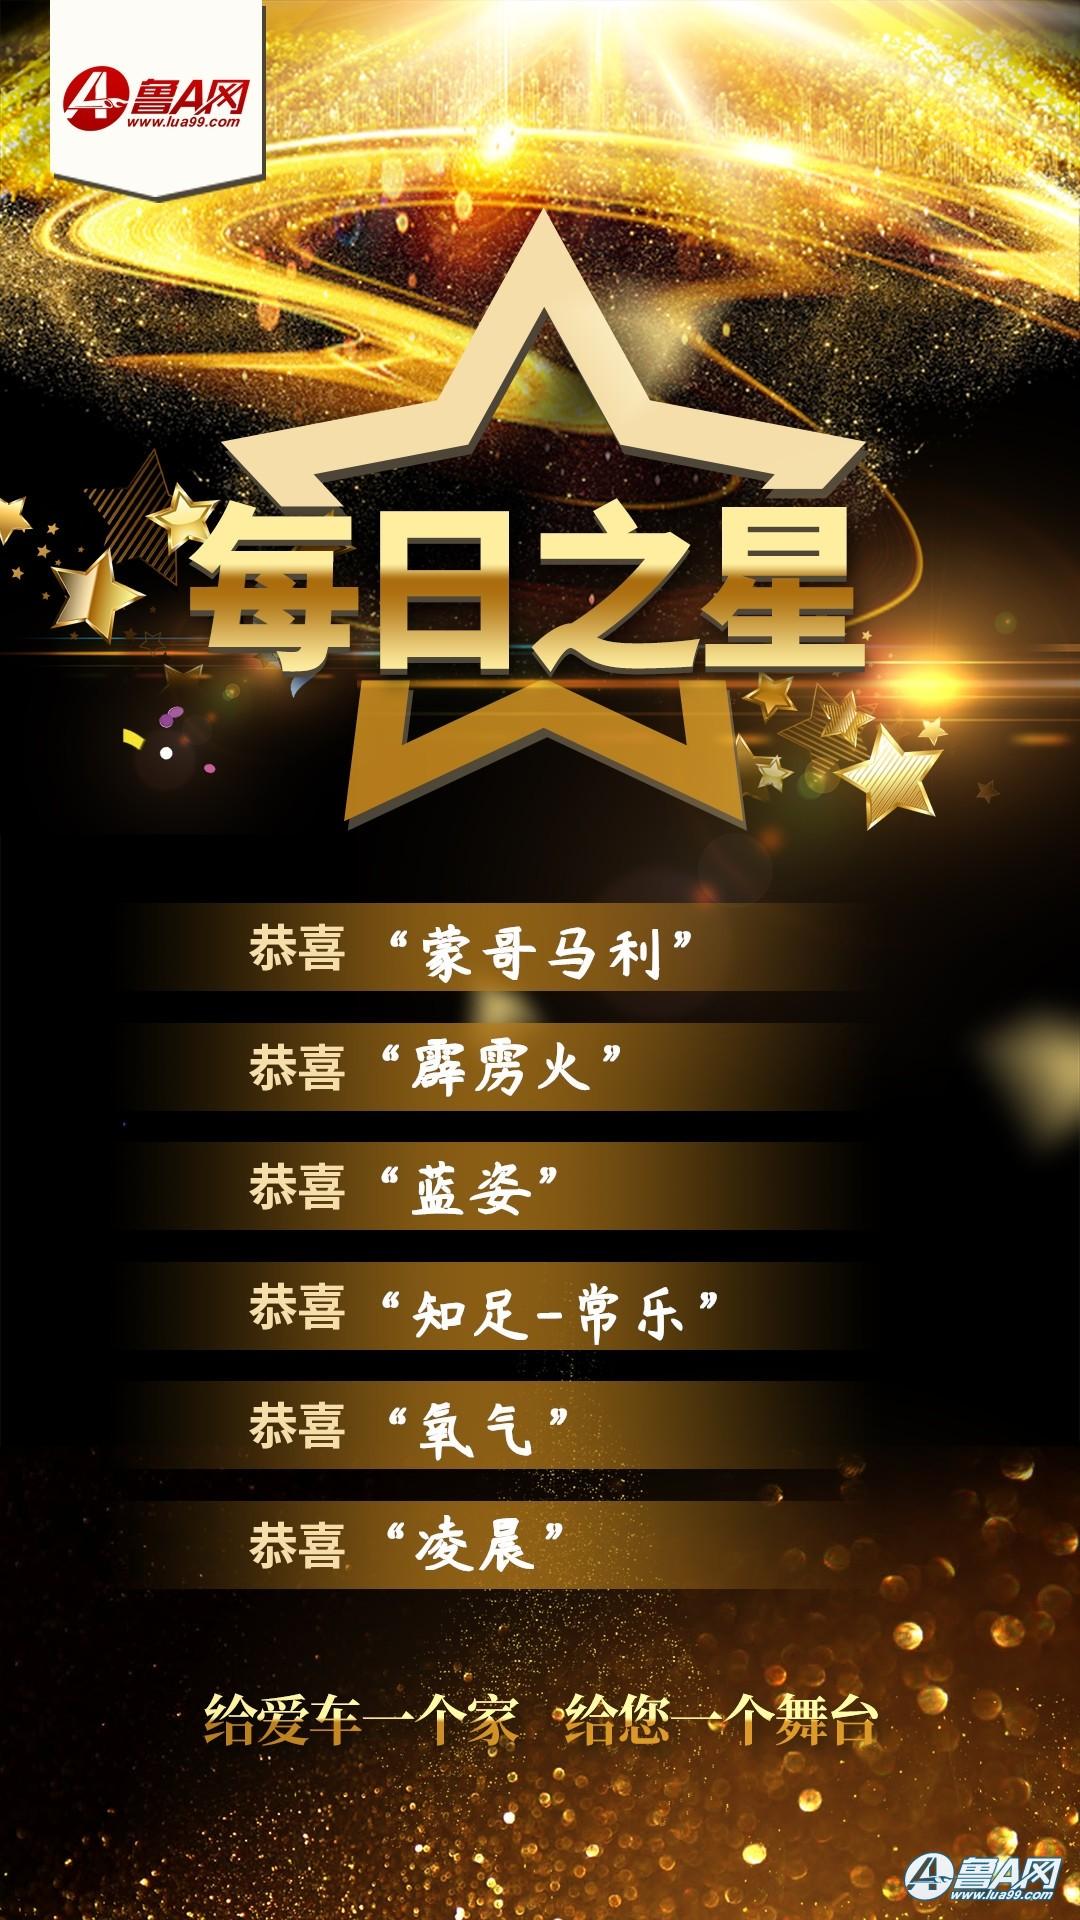 12.10《每日之星》来了,暗号:饺子